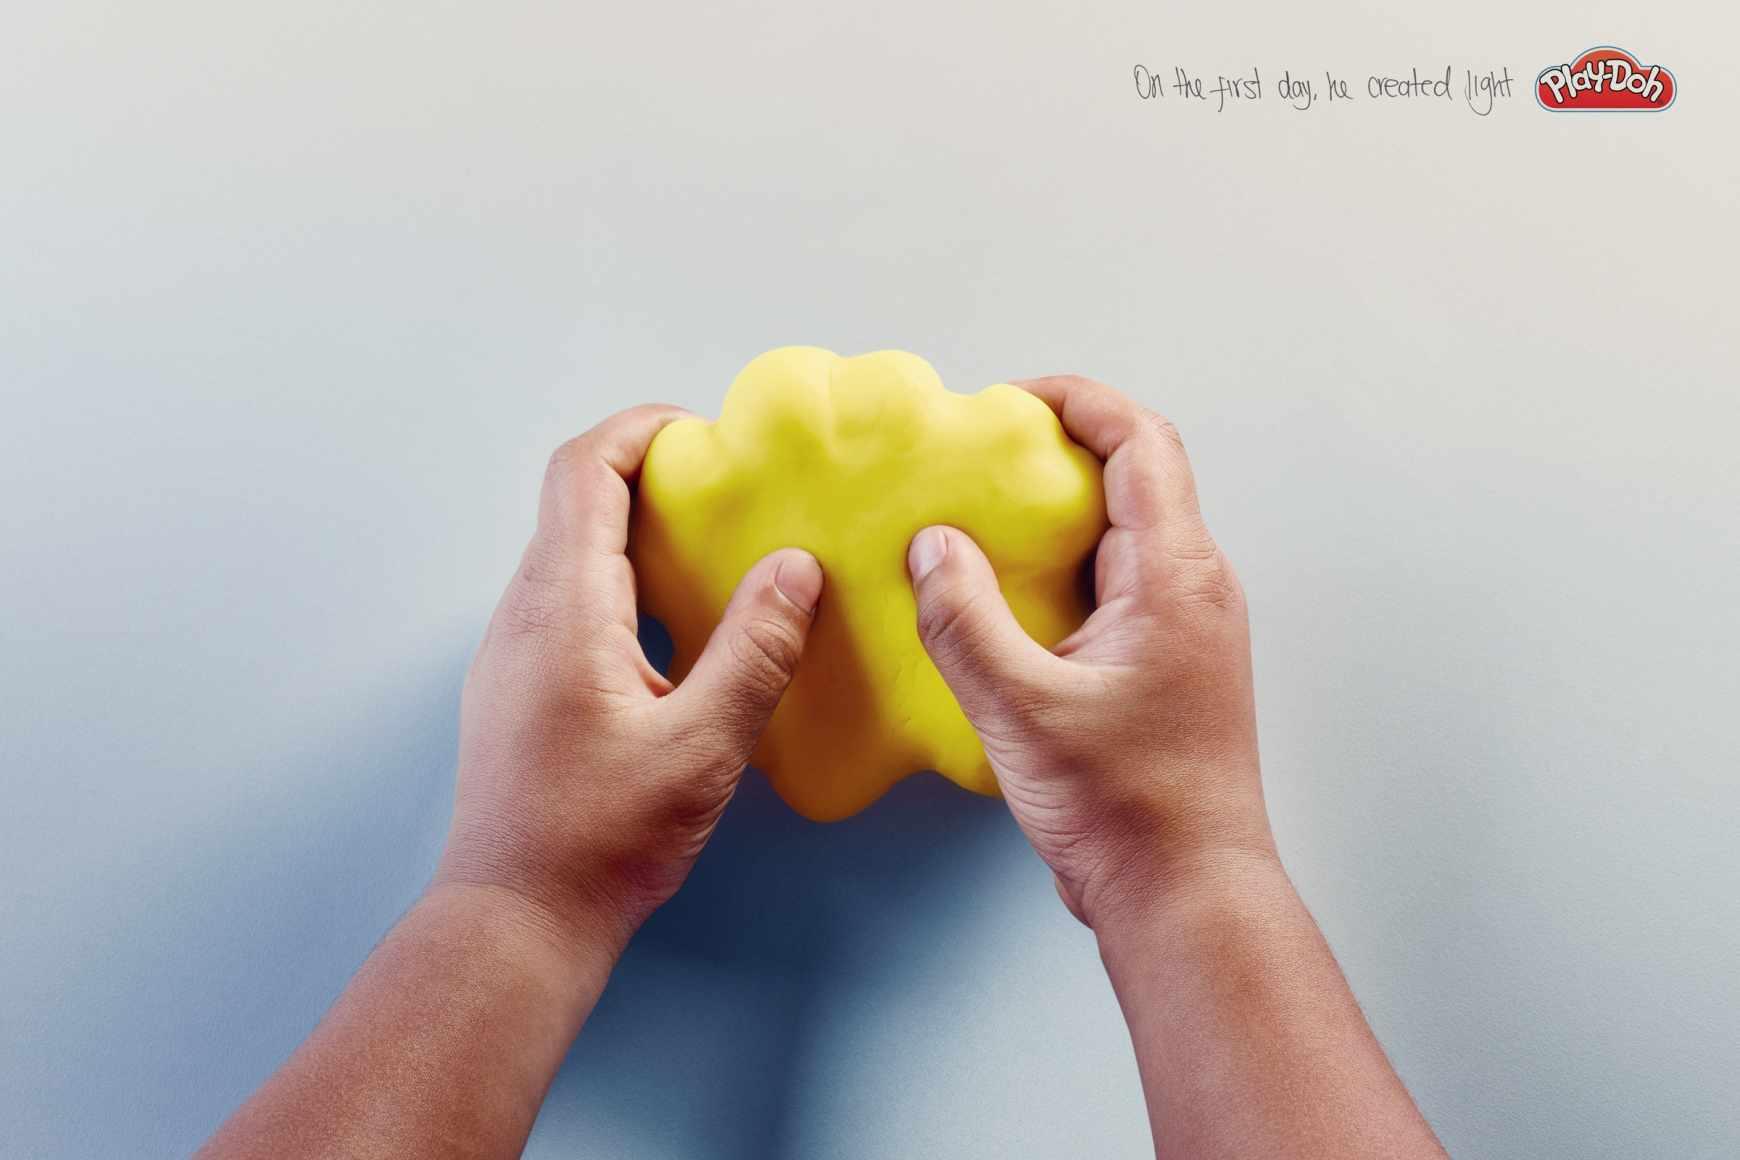 dans-ta-pub-publicite-print-creatif-creative-affiche-compilation-128-2